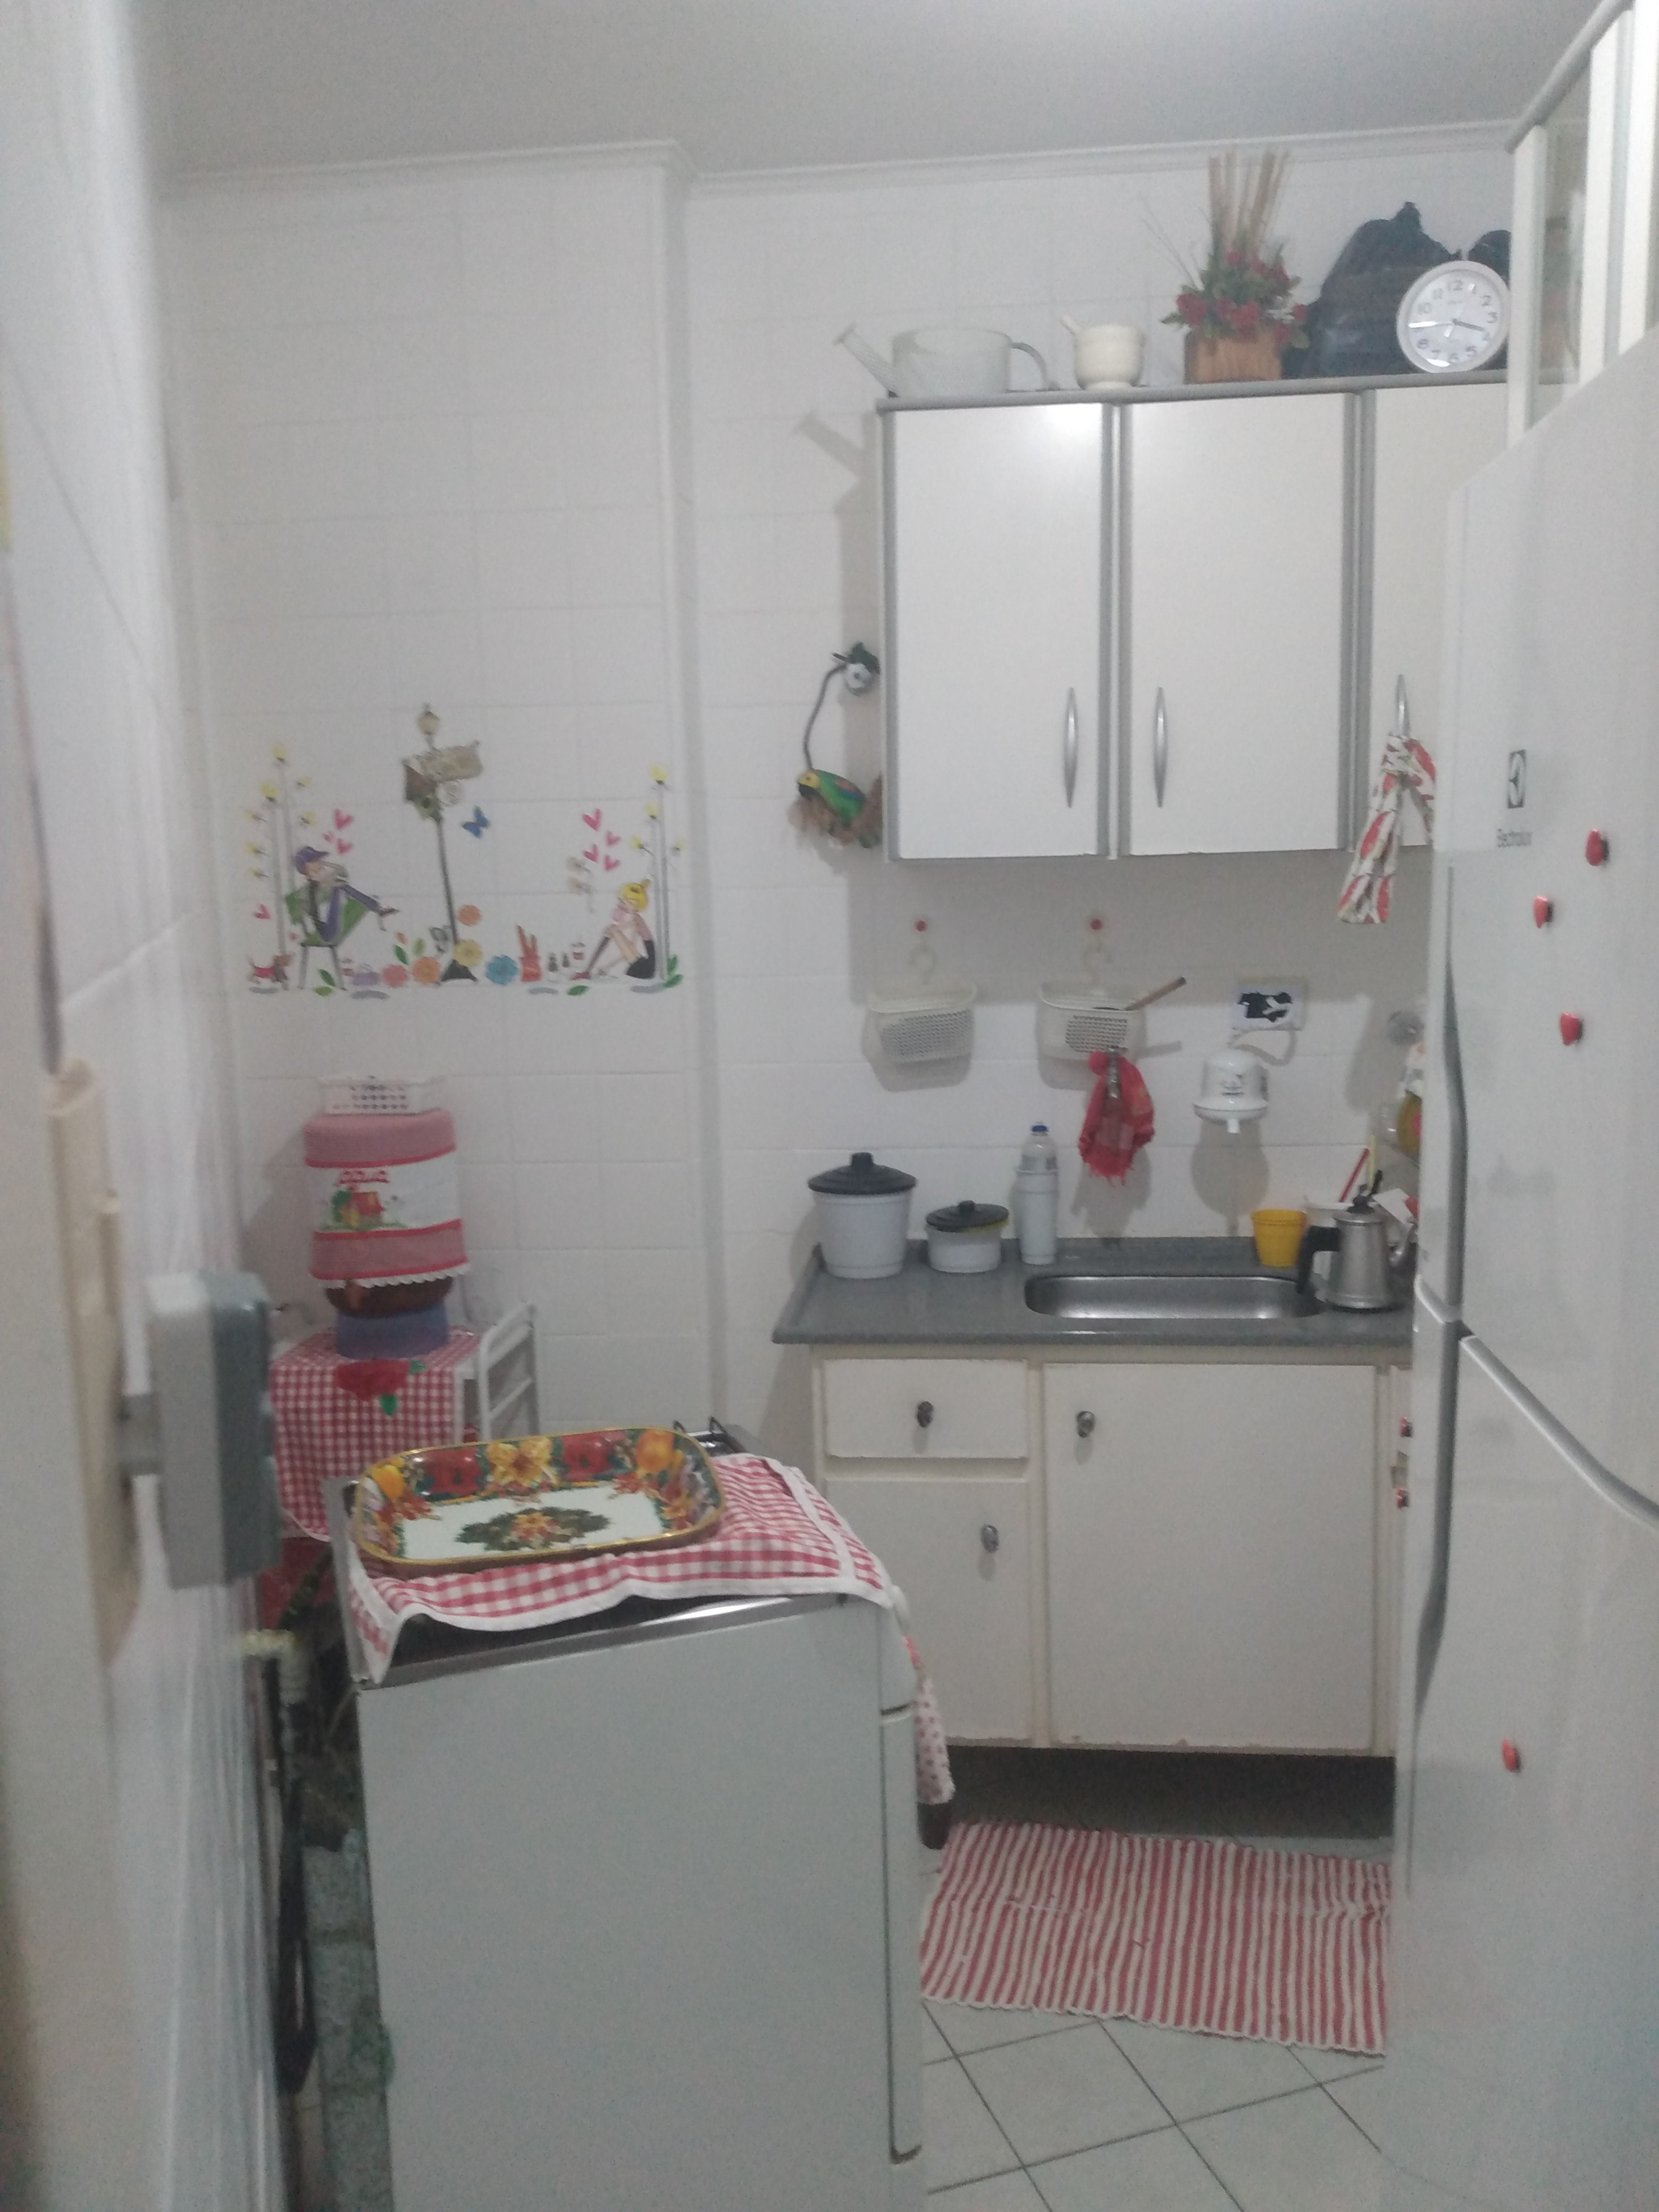 Foto de Cozinha com relógio, garrafa, tigela, geladeira, xícara